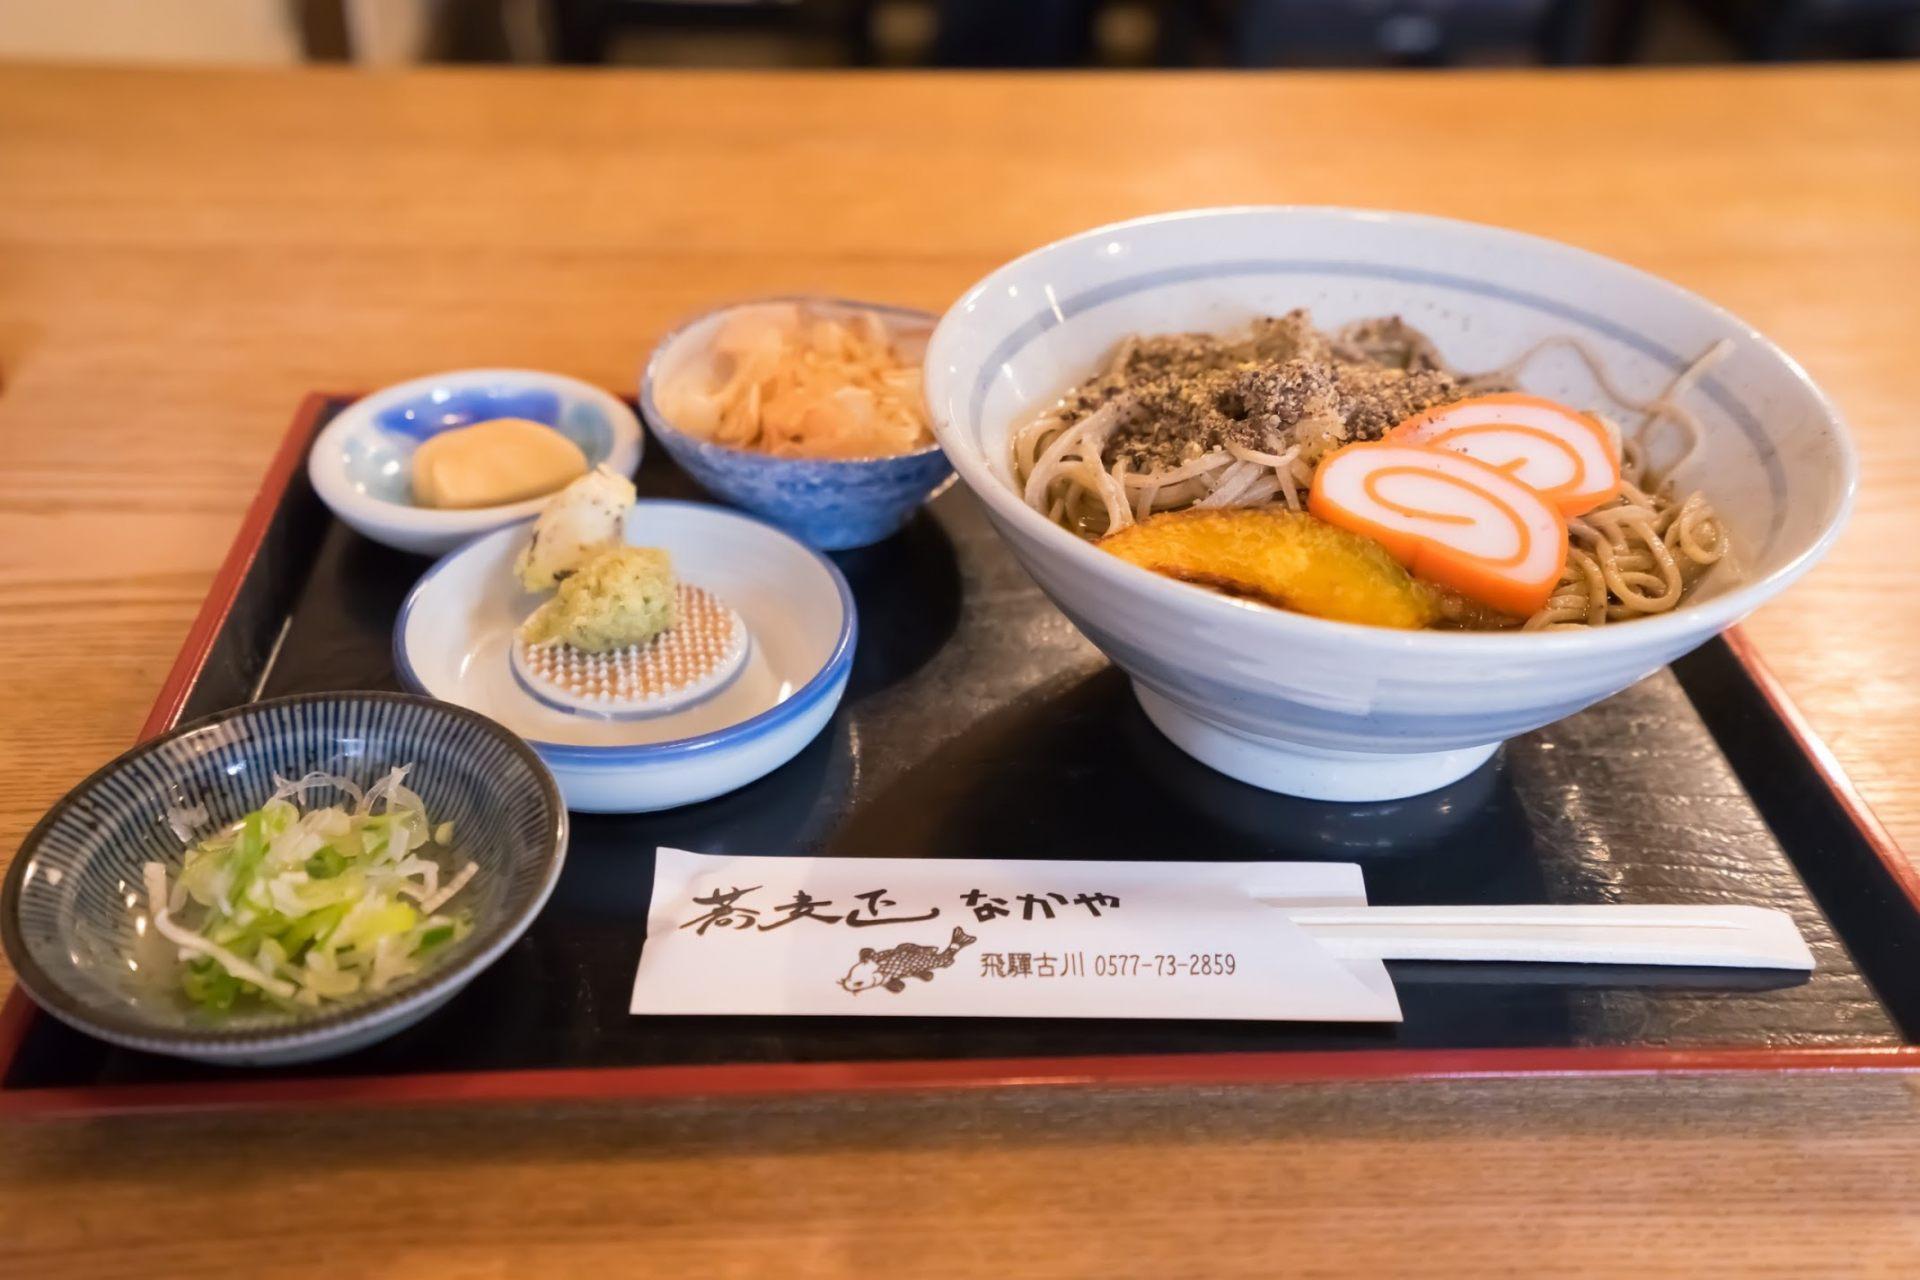 紫蘇子油蕎麥麵 中碗 1240日圓